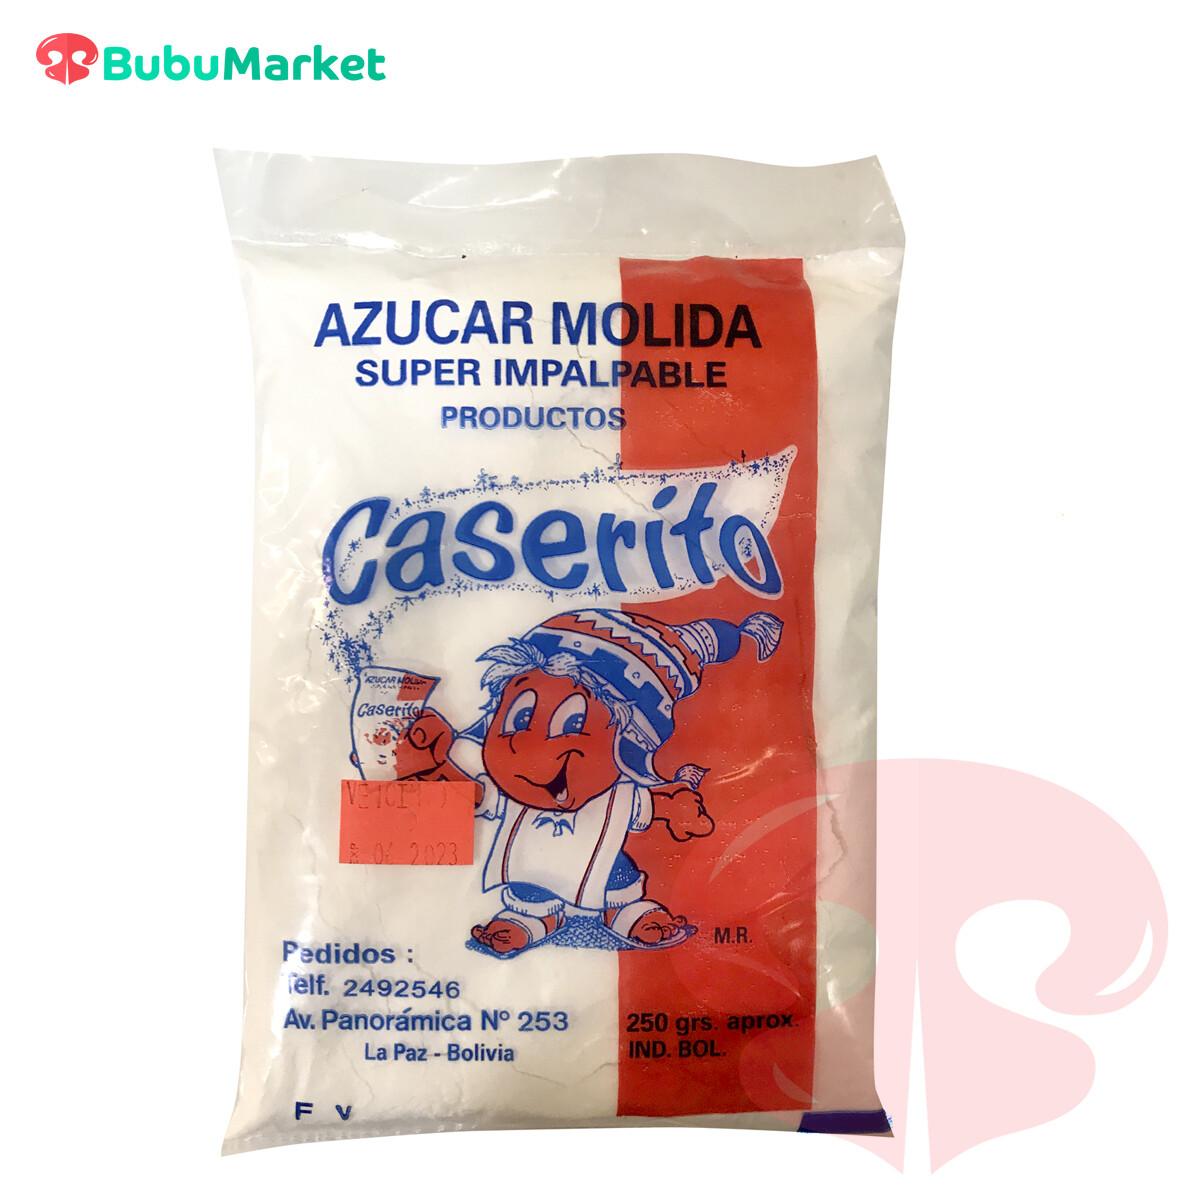 AZUCAR MOLIDA IMPALPABLE CASERITO EN BOLSA DE 250 GR.